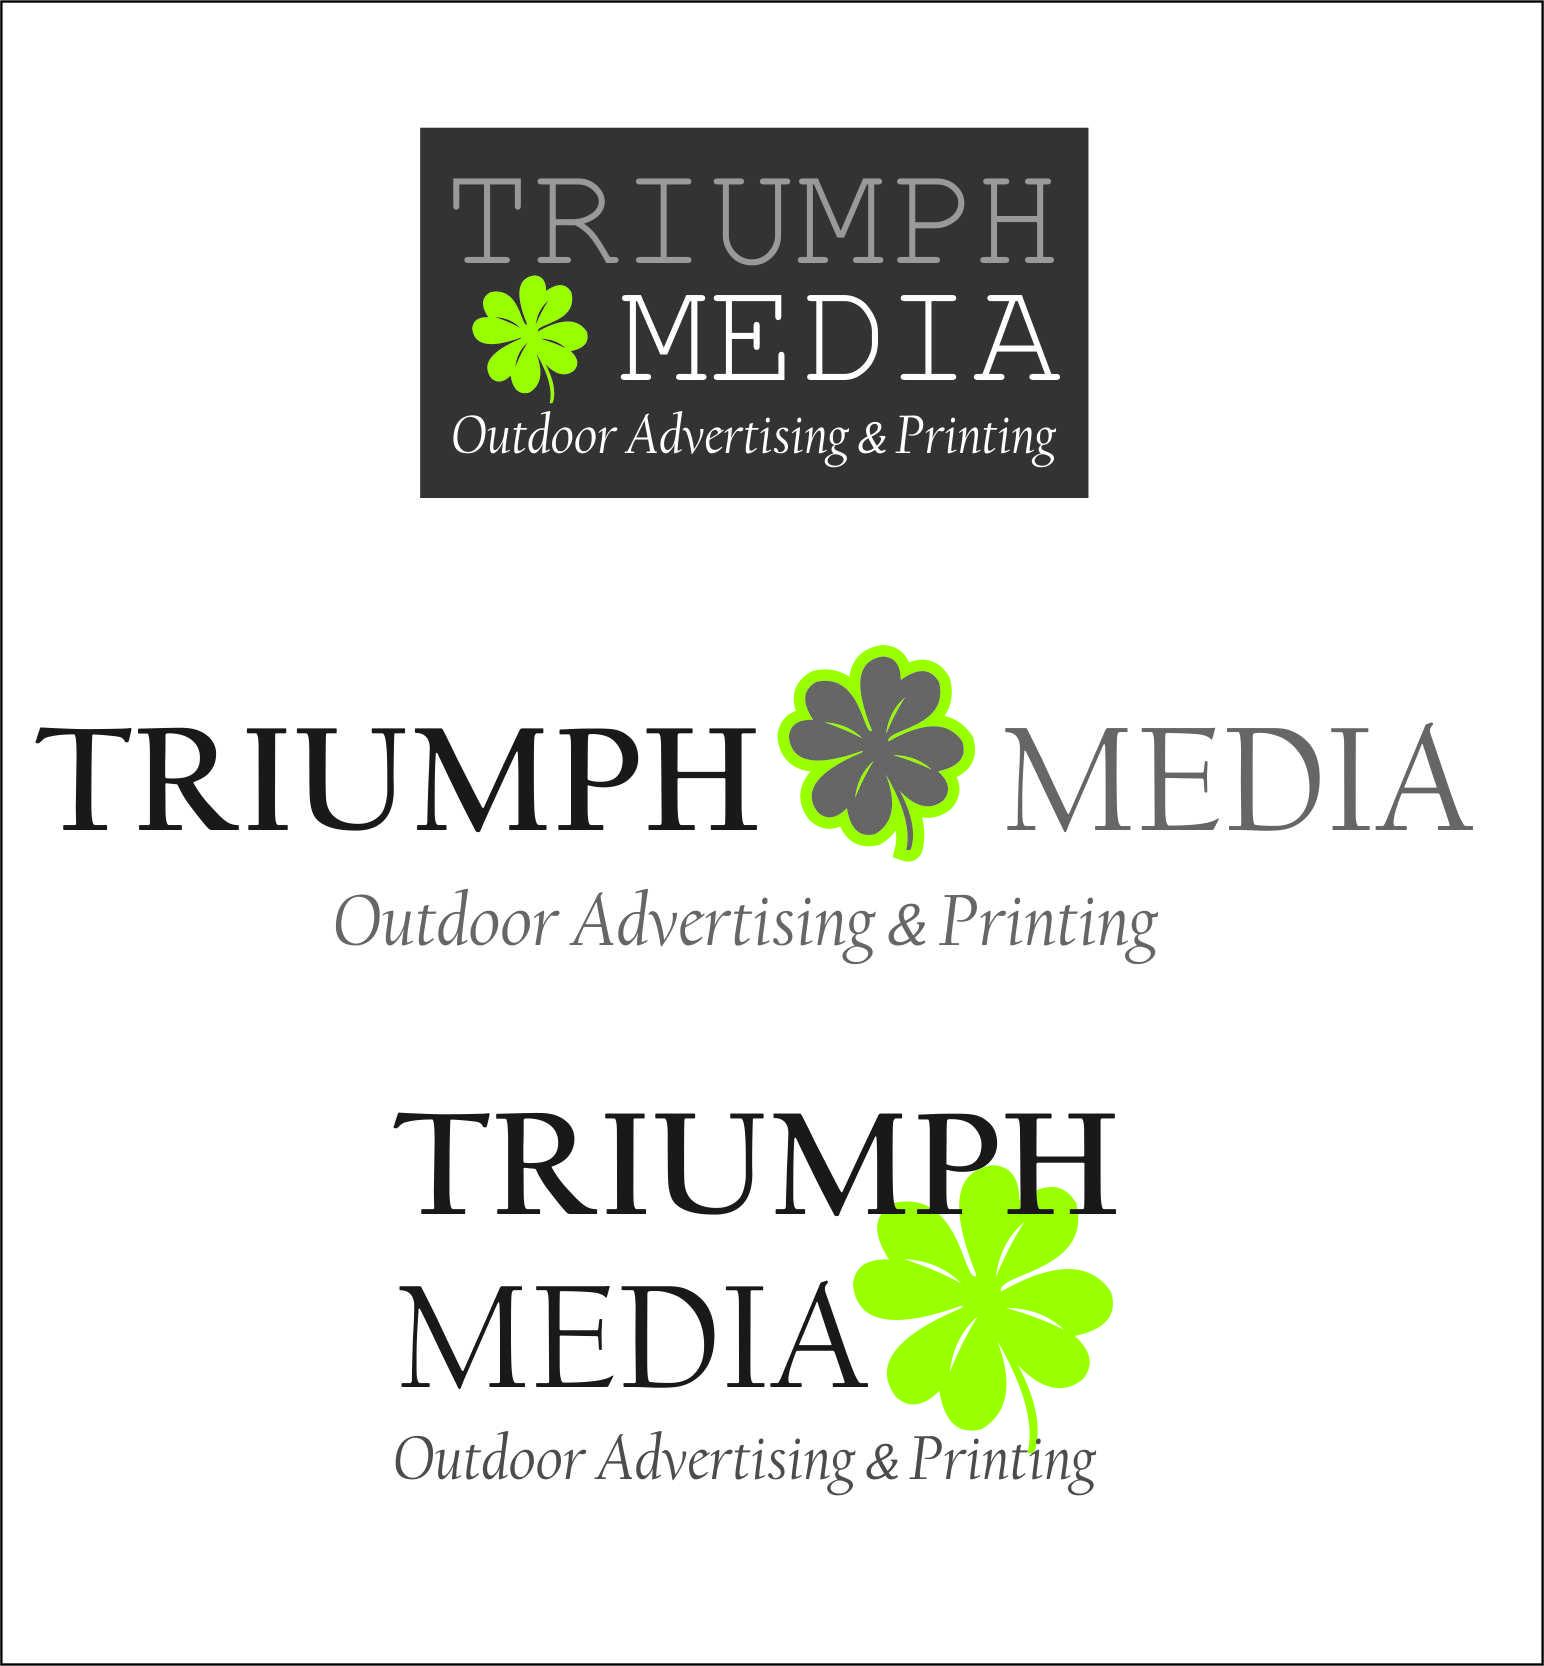 Разработка логотипа  TRIUMPH MEDIA с изображением клевера фото f_5074019b11084.jpg